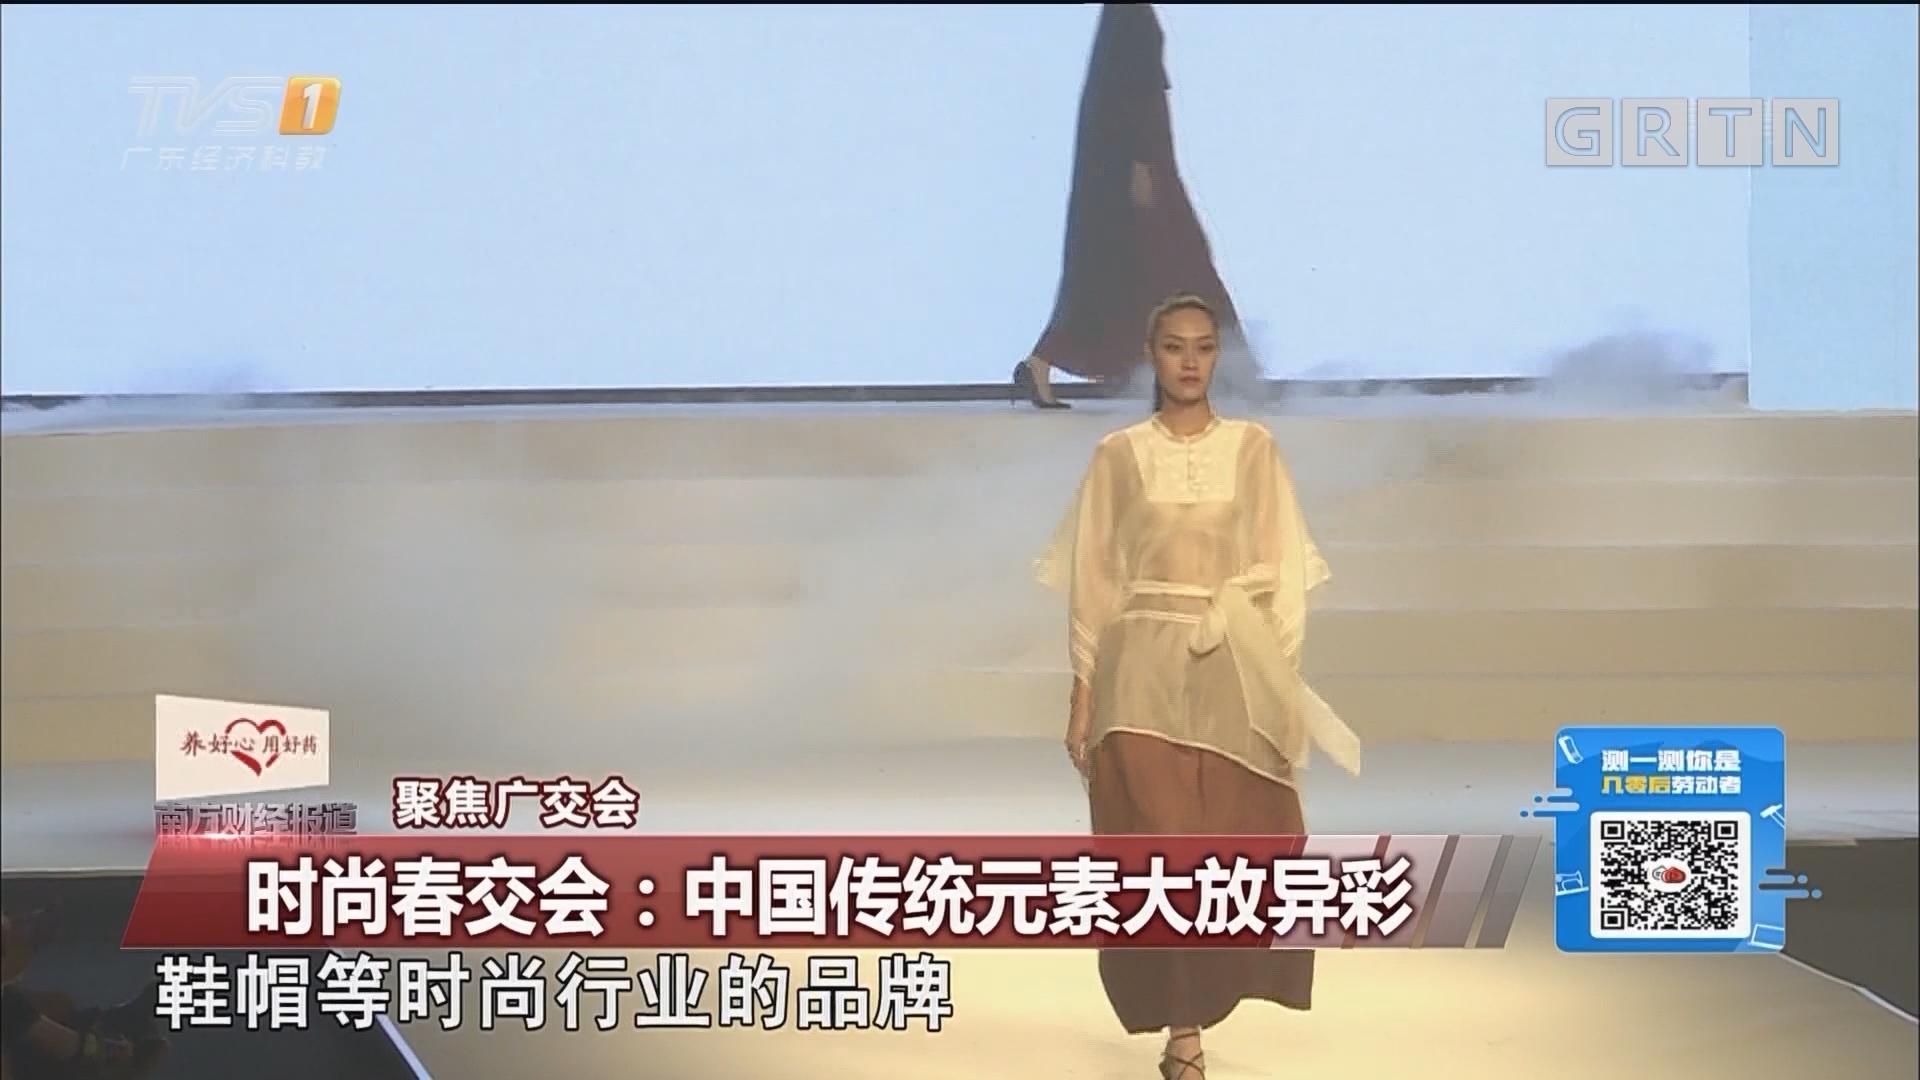 时尚春交会:中国传统元素大放异彩